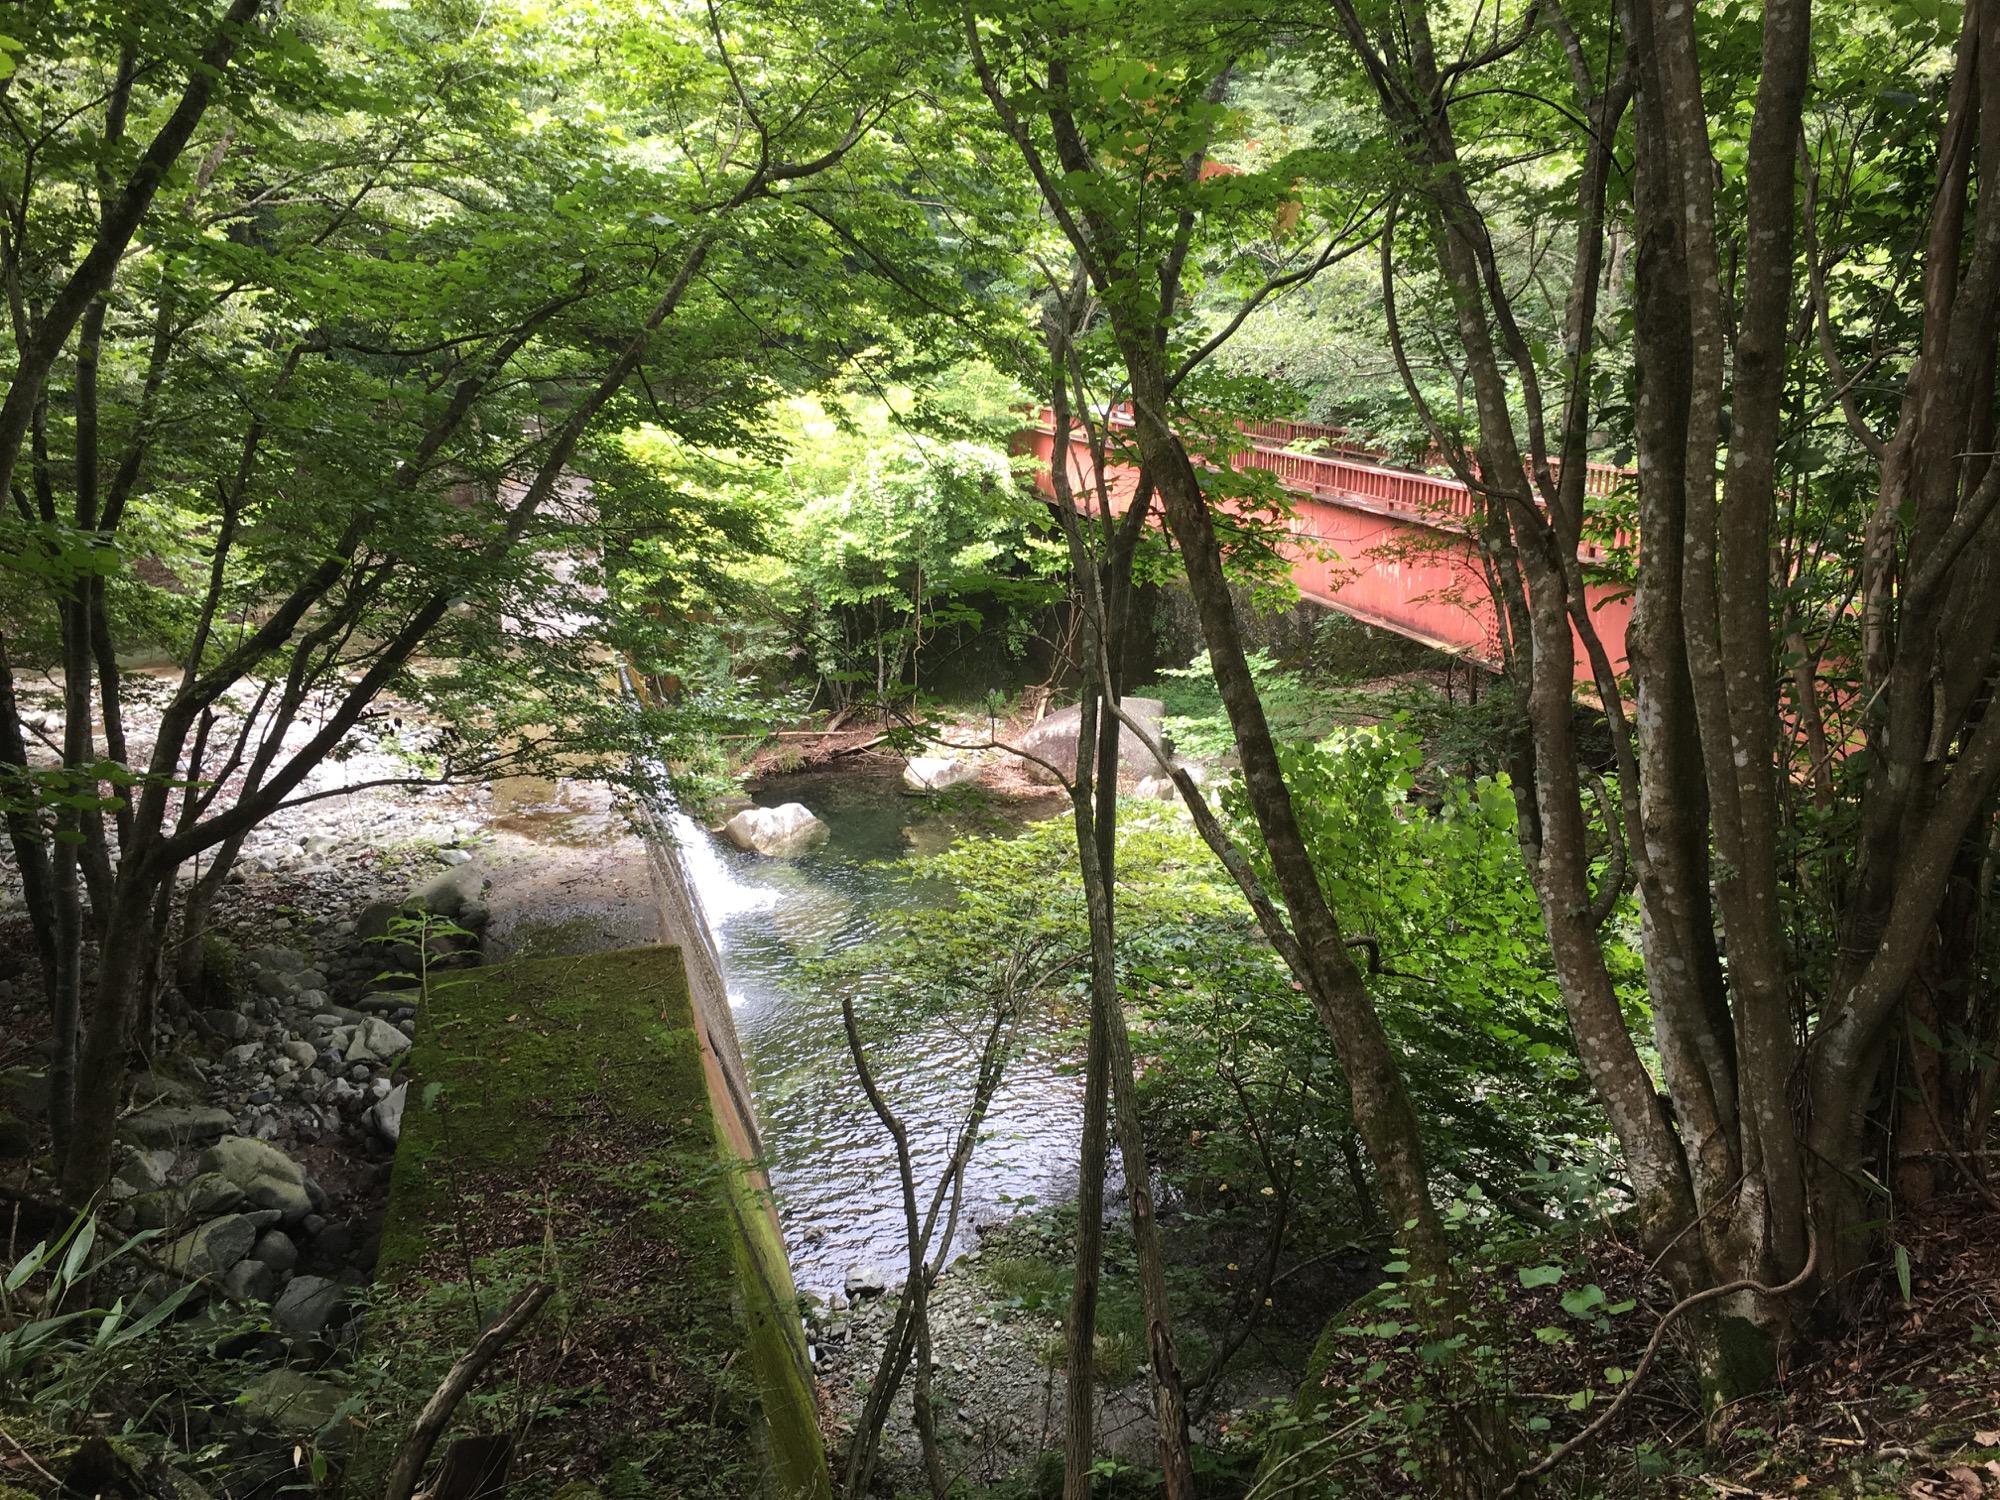 A long abandoned bridge